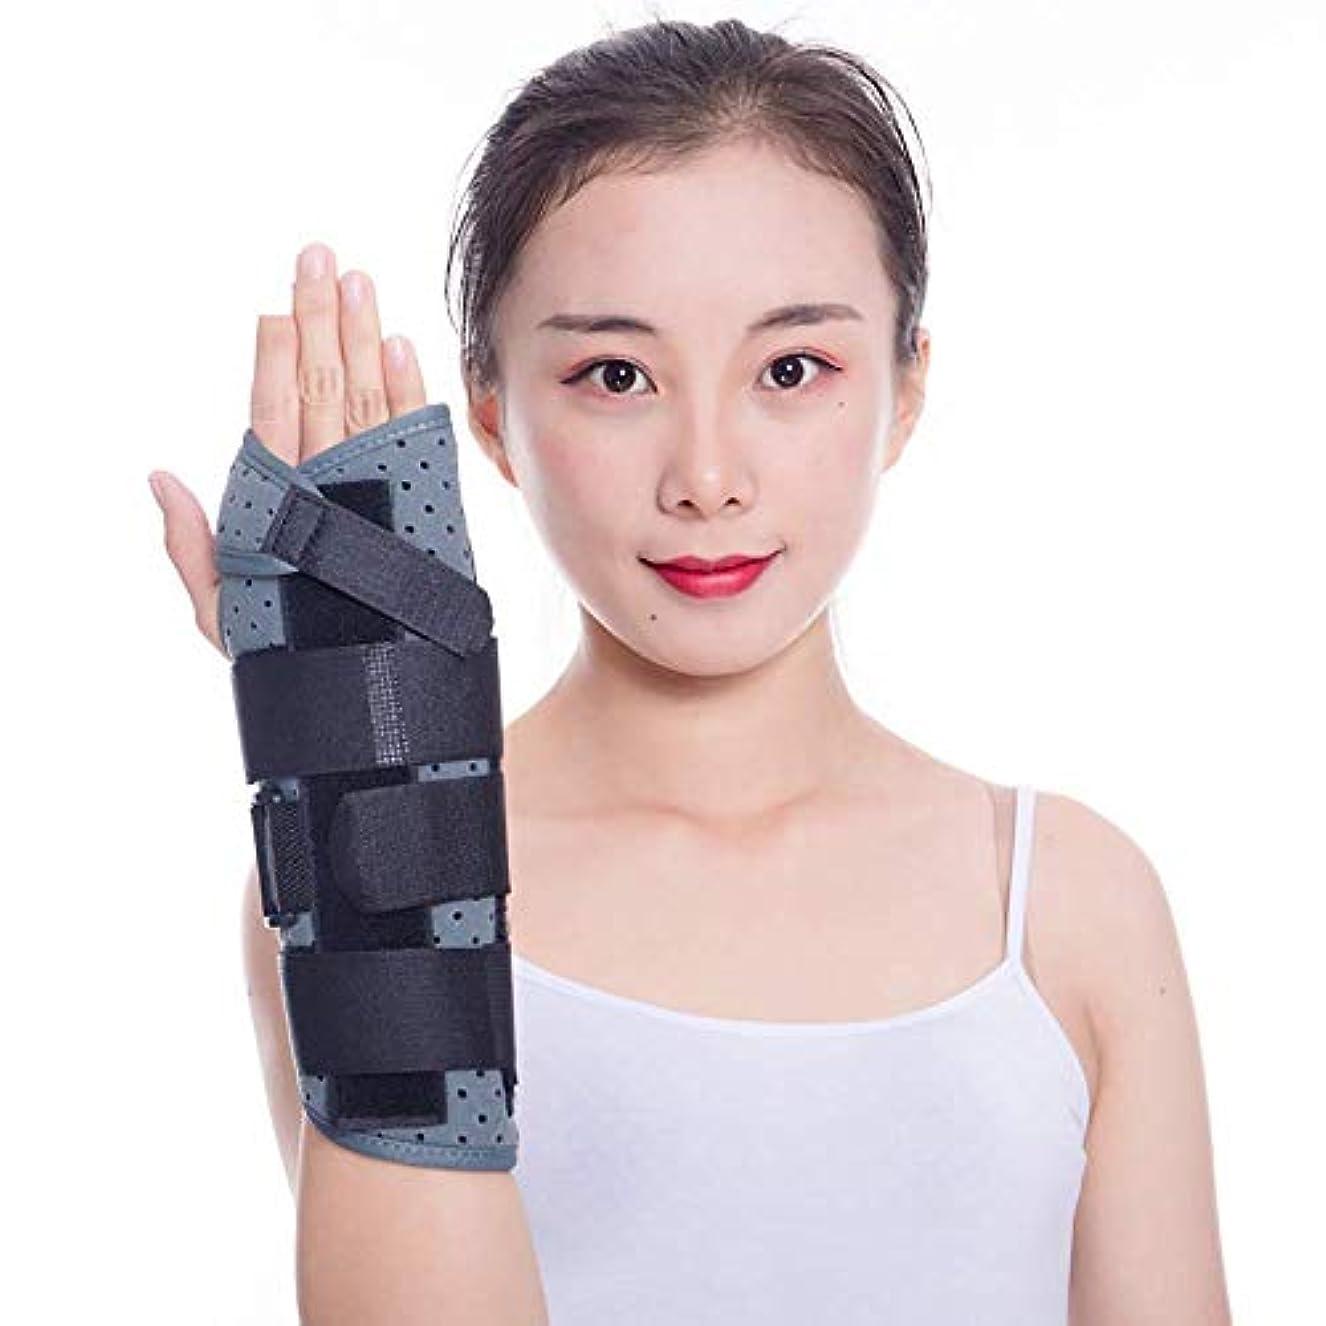 電化する脅迫クラス手根管手首支柱 - 男性と女性、腱炎、関節炎、壊れた、スポーツのけがの痛みを軽減するための夜間の睡眠中の手首のサポート,Left,L